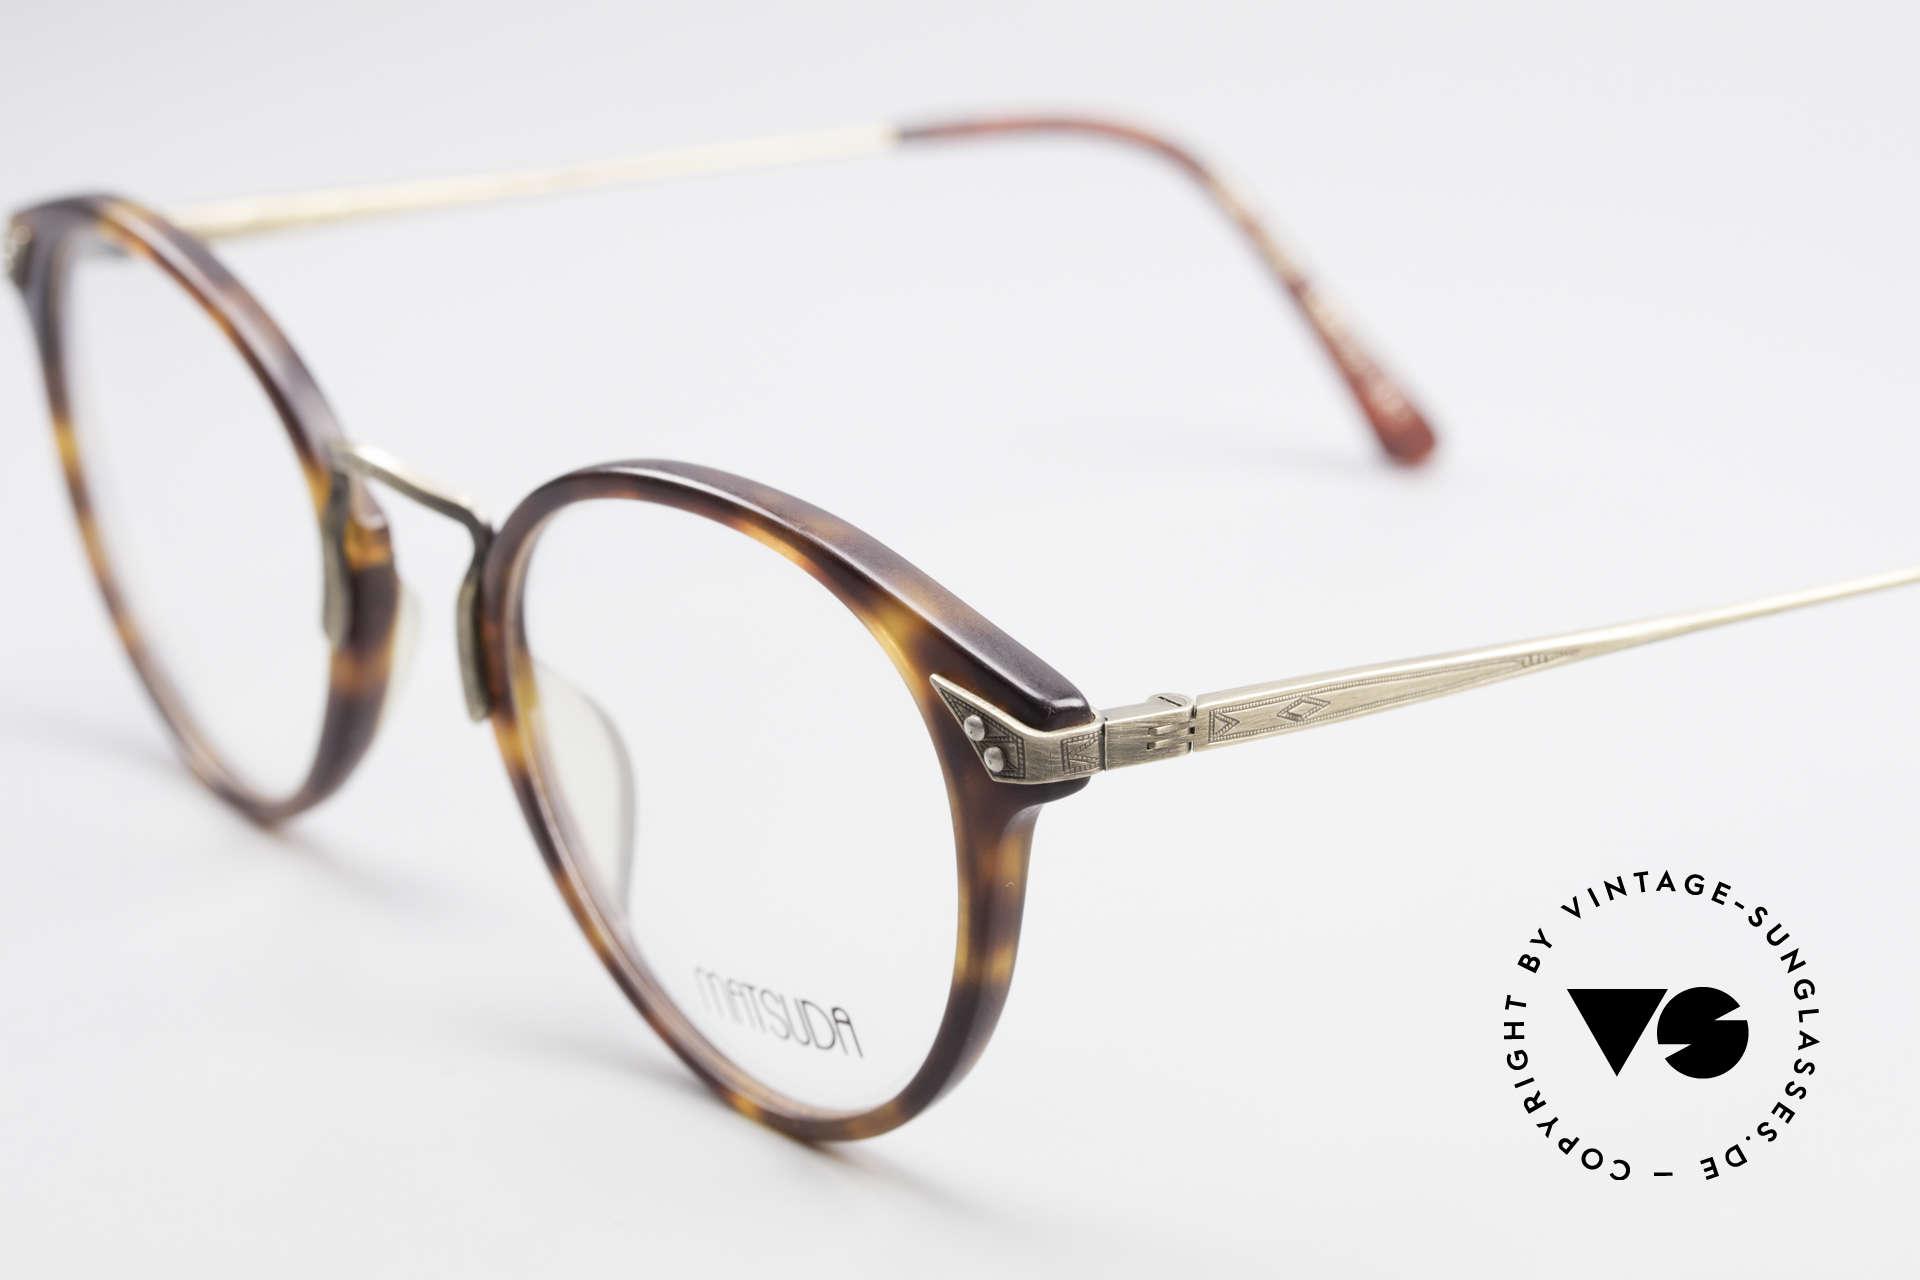 Matsuda 2805 Vintage Brille Panto Style, zudem zeitlos klassisch in Farbe & Form (Panto), Passend für Herren und Damen